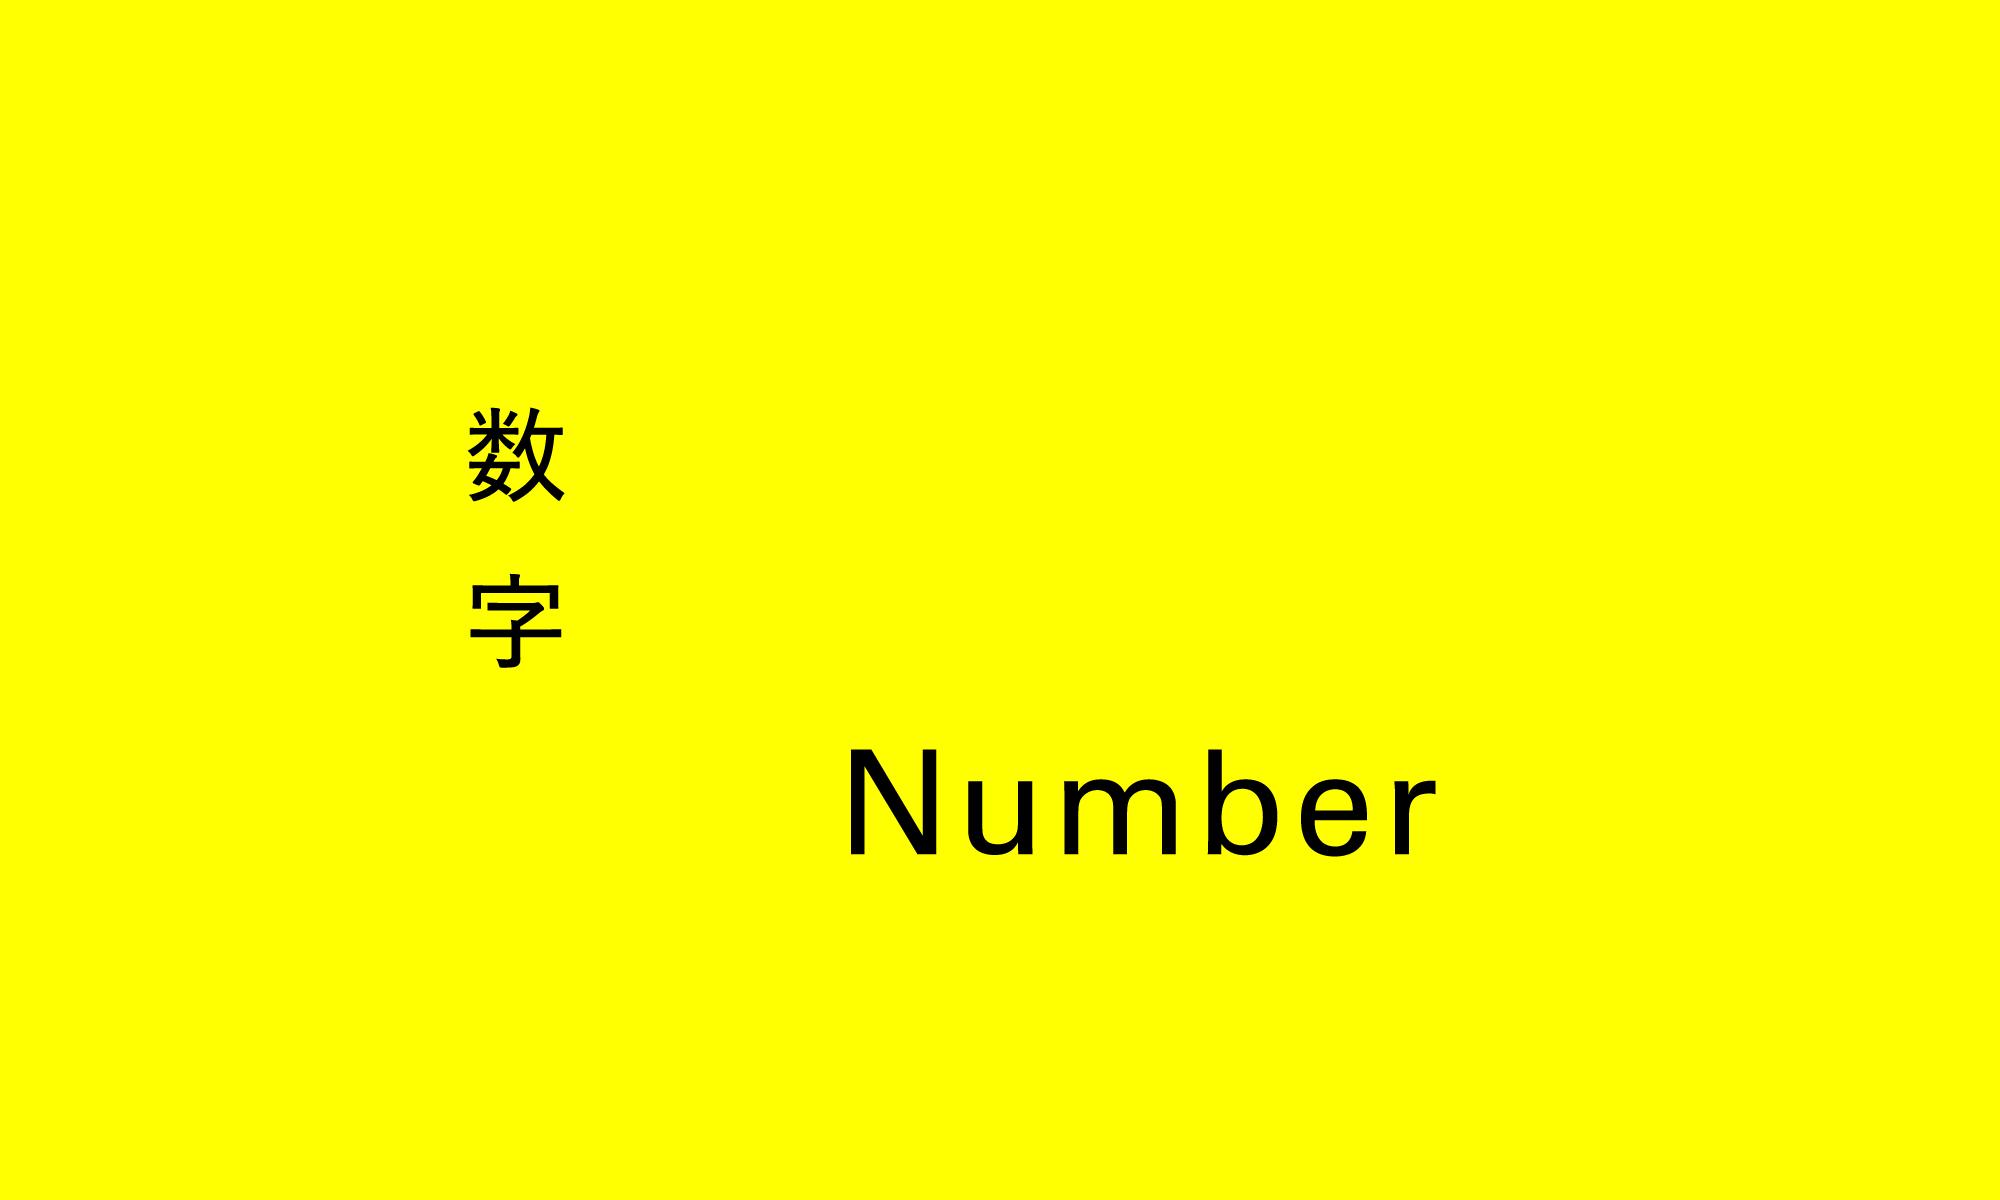 数字は世界共通の言語。